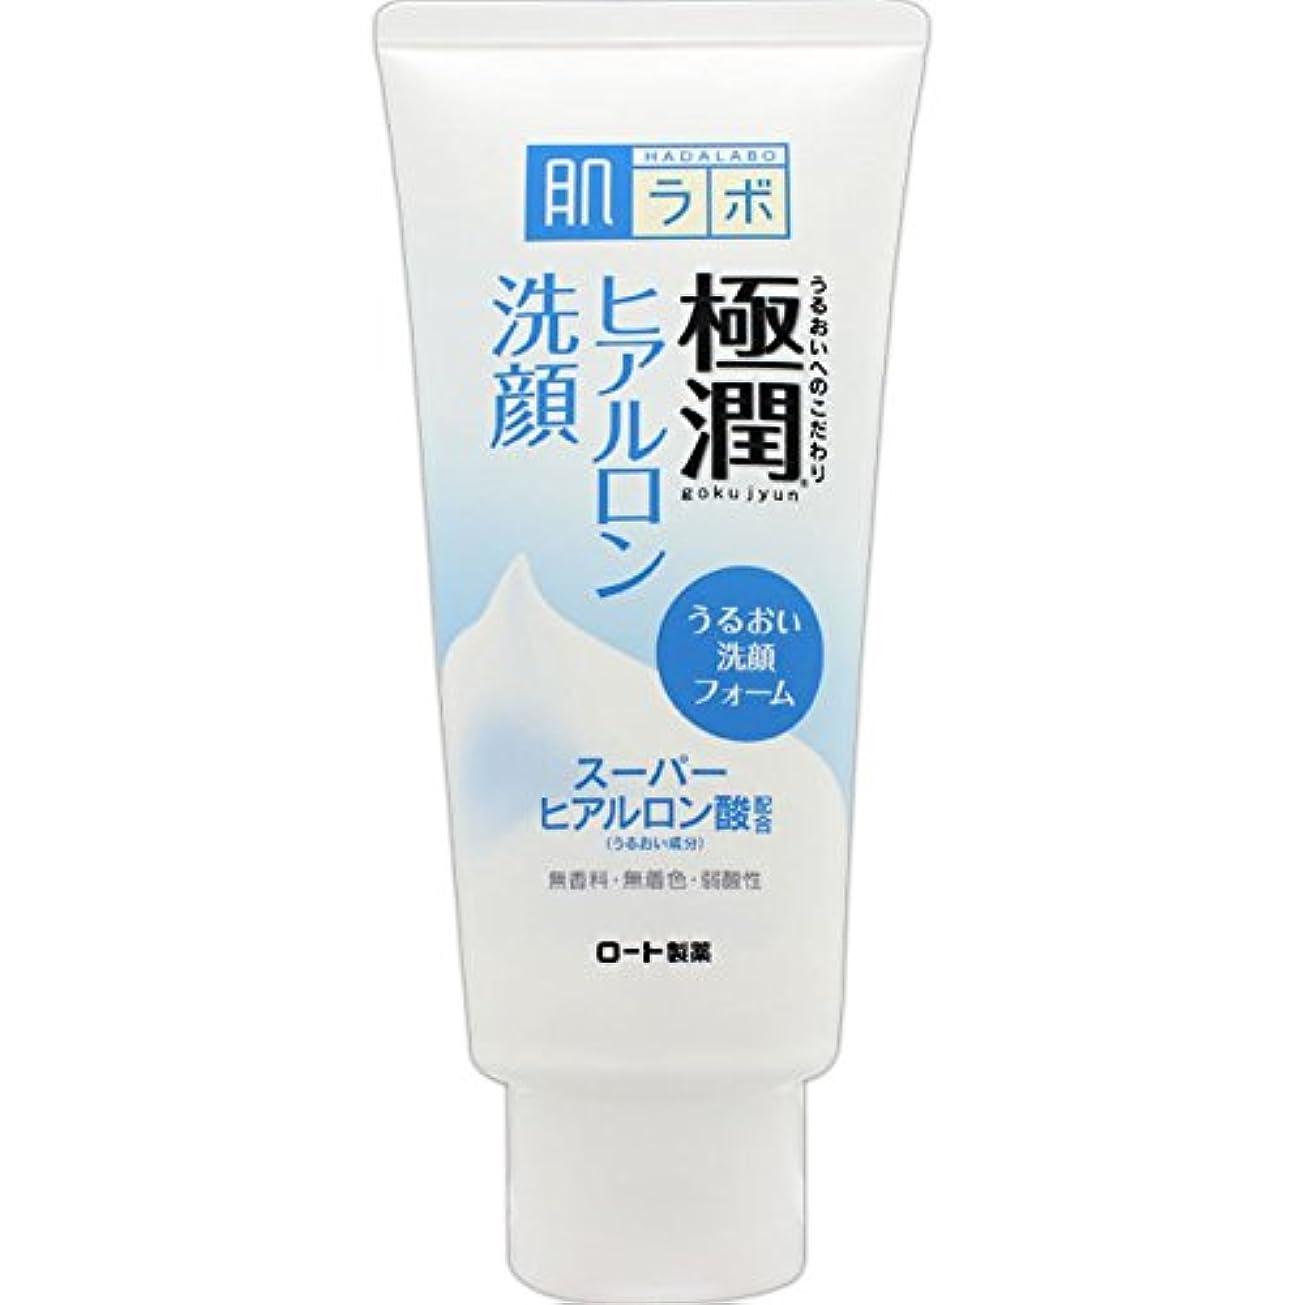 子孫謎めいた毎年肌ラボ 極潤 ヒアルロン洗顔フォーム スーパーヒアルロン酸&吸着型ヒアルロン酸をW配合 100g